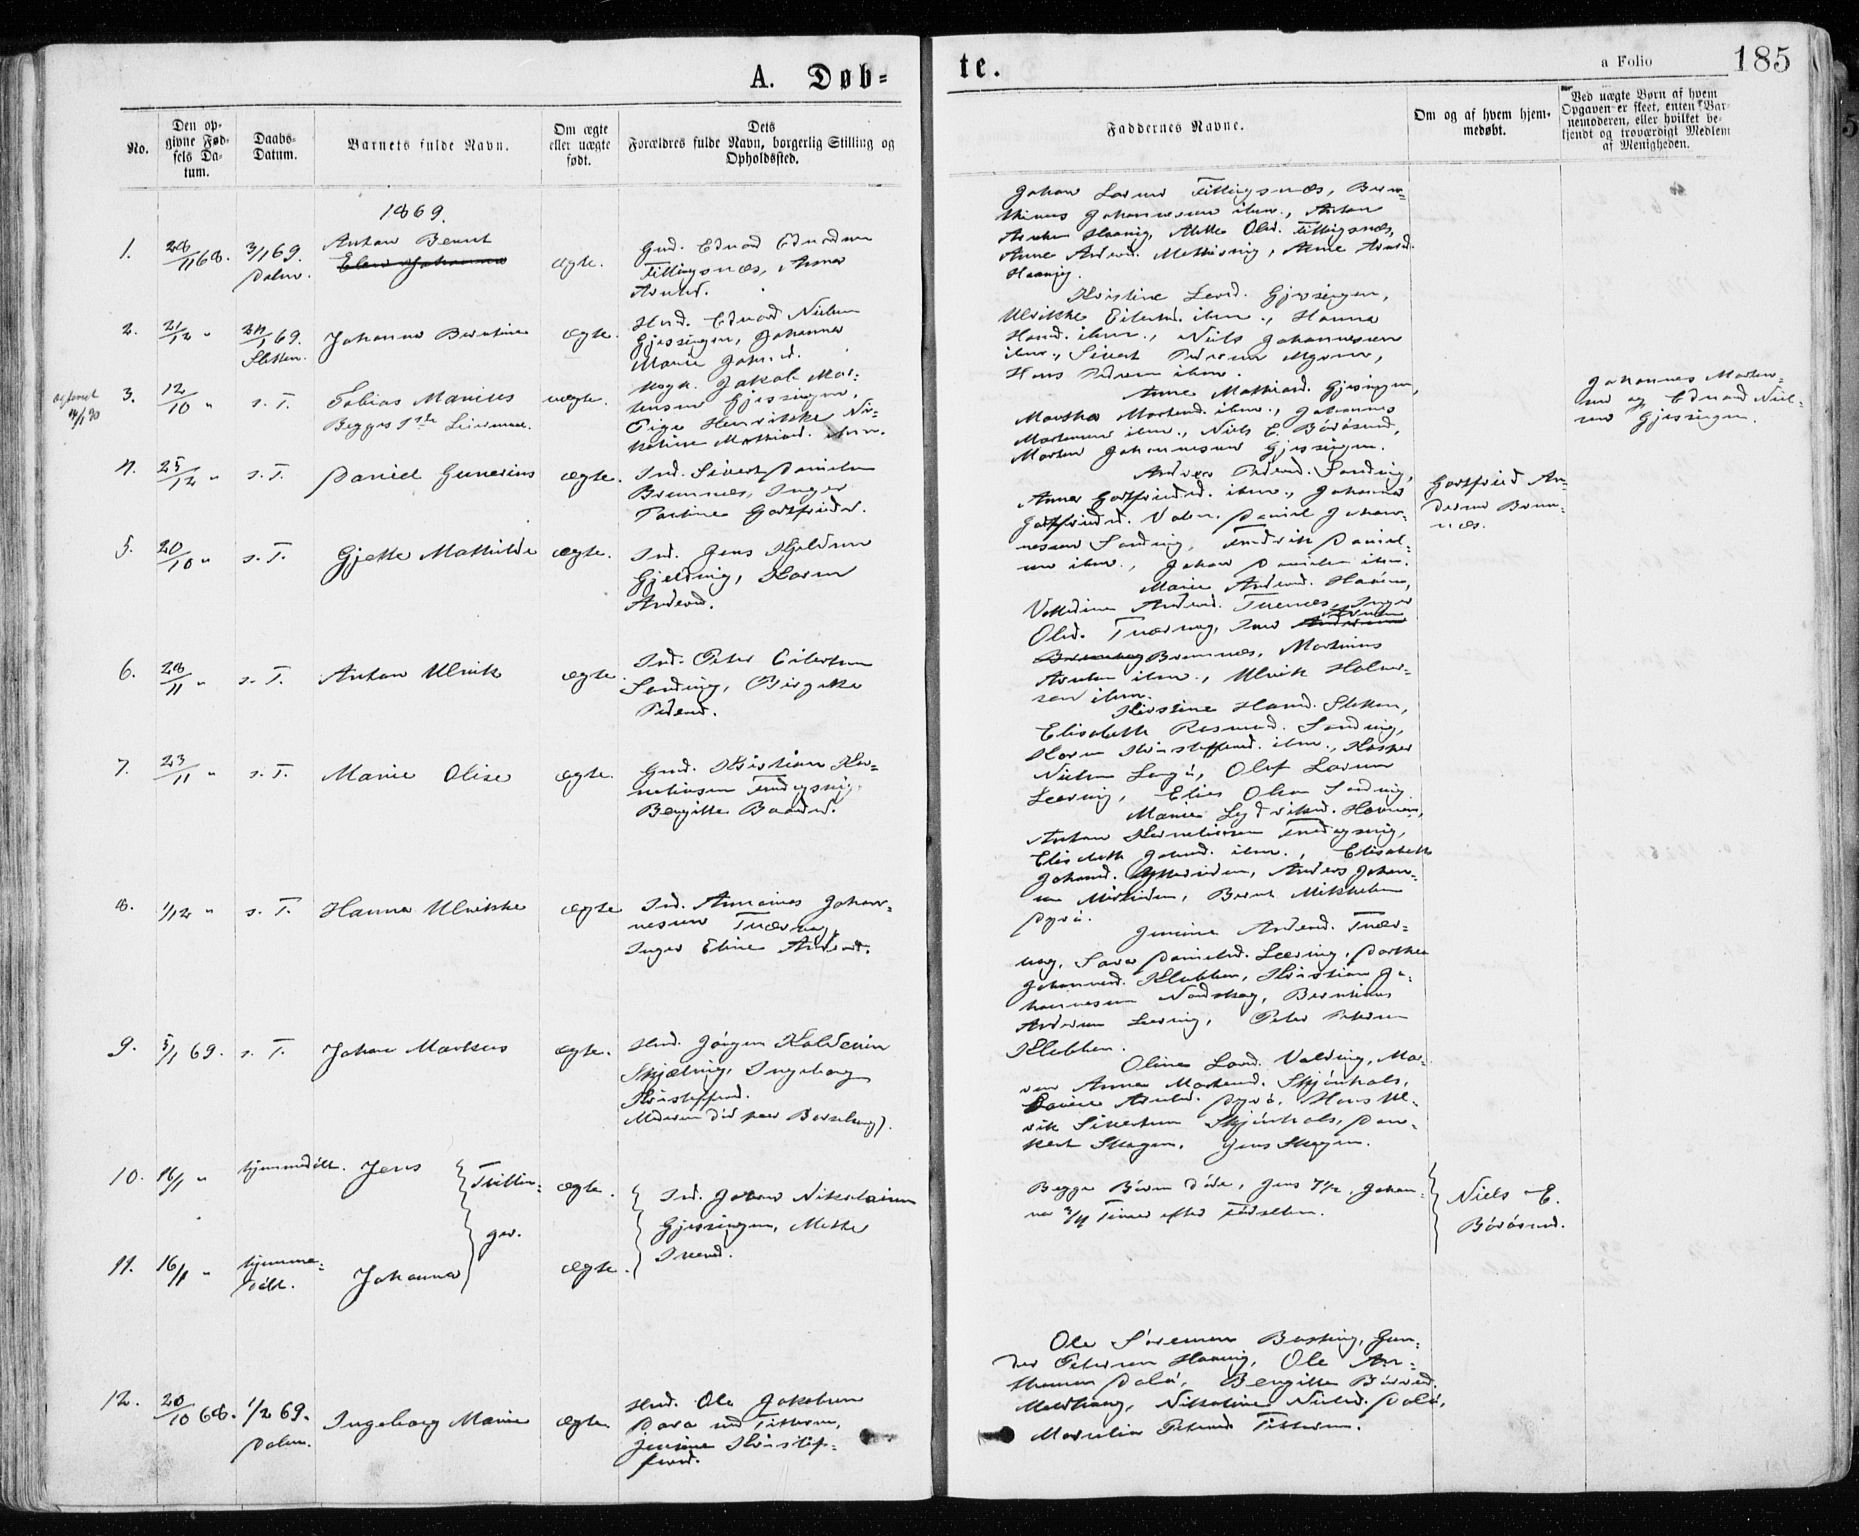 SAT, Ministerialprotokoller, klokkerbøker og fødselsregistre - Sør-Trøndelag, 640/L0576: Ministerialbok nr. 640A01, 1846-1876, s. 185